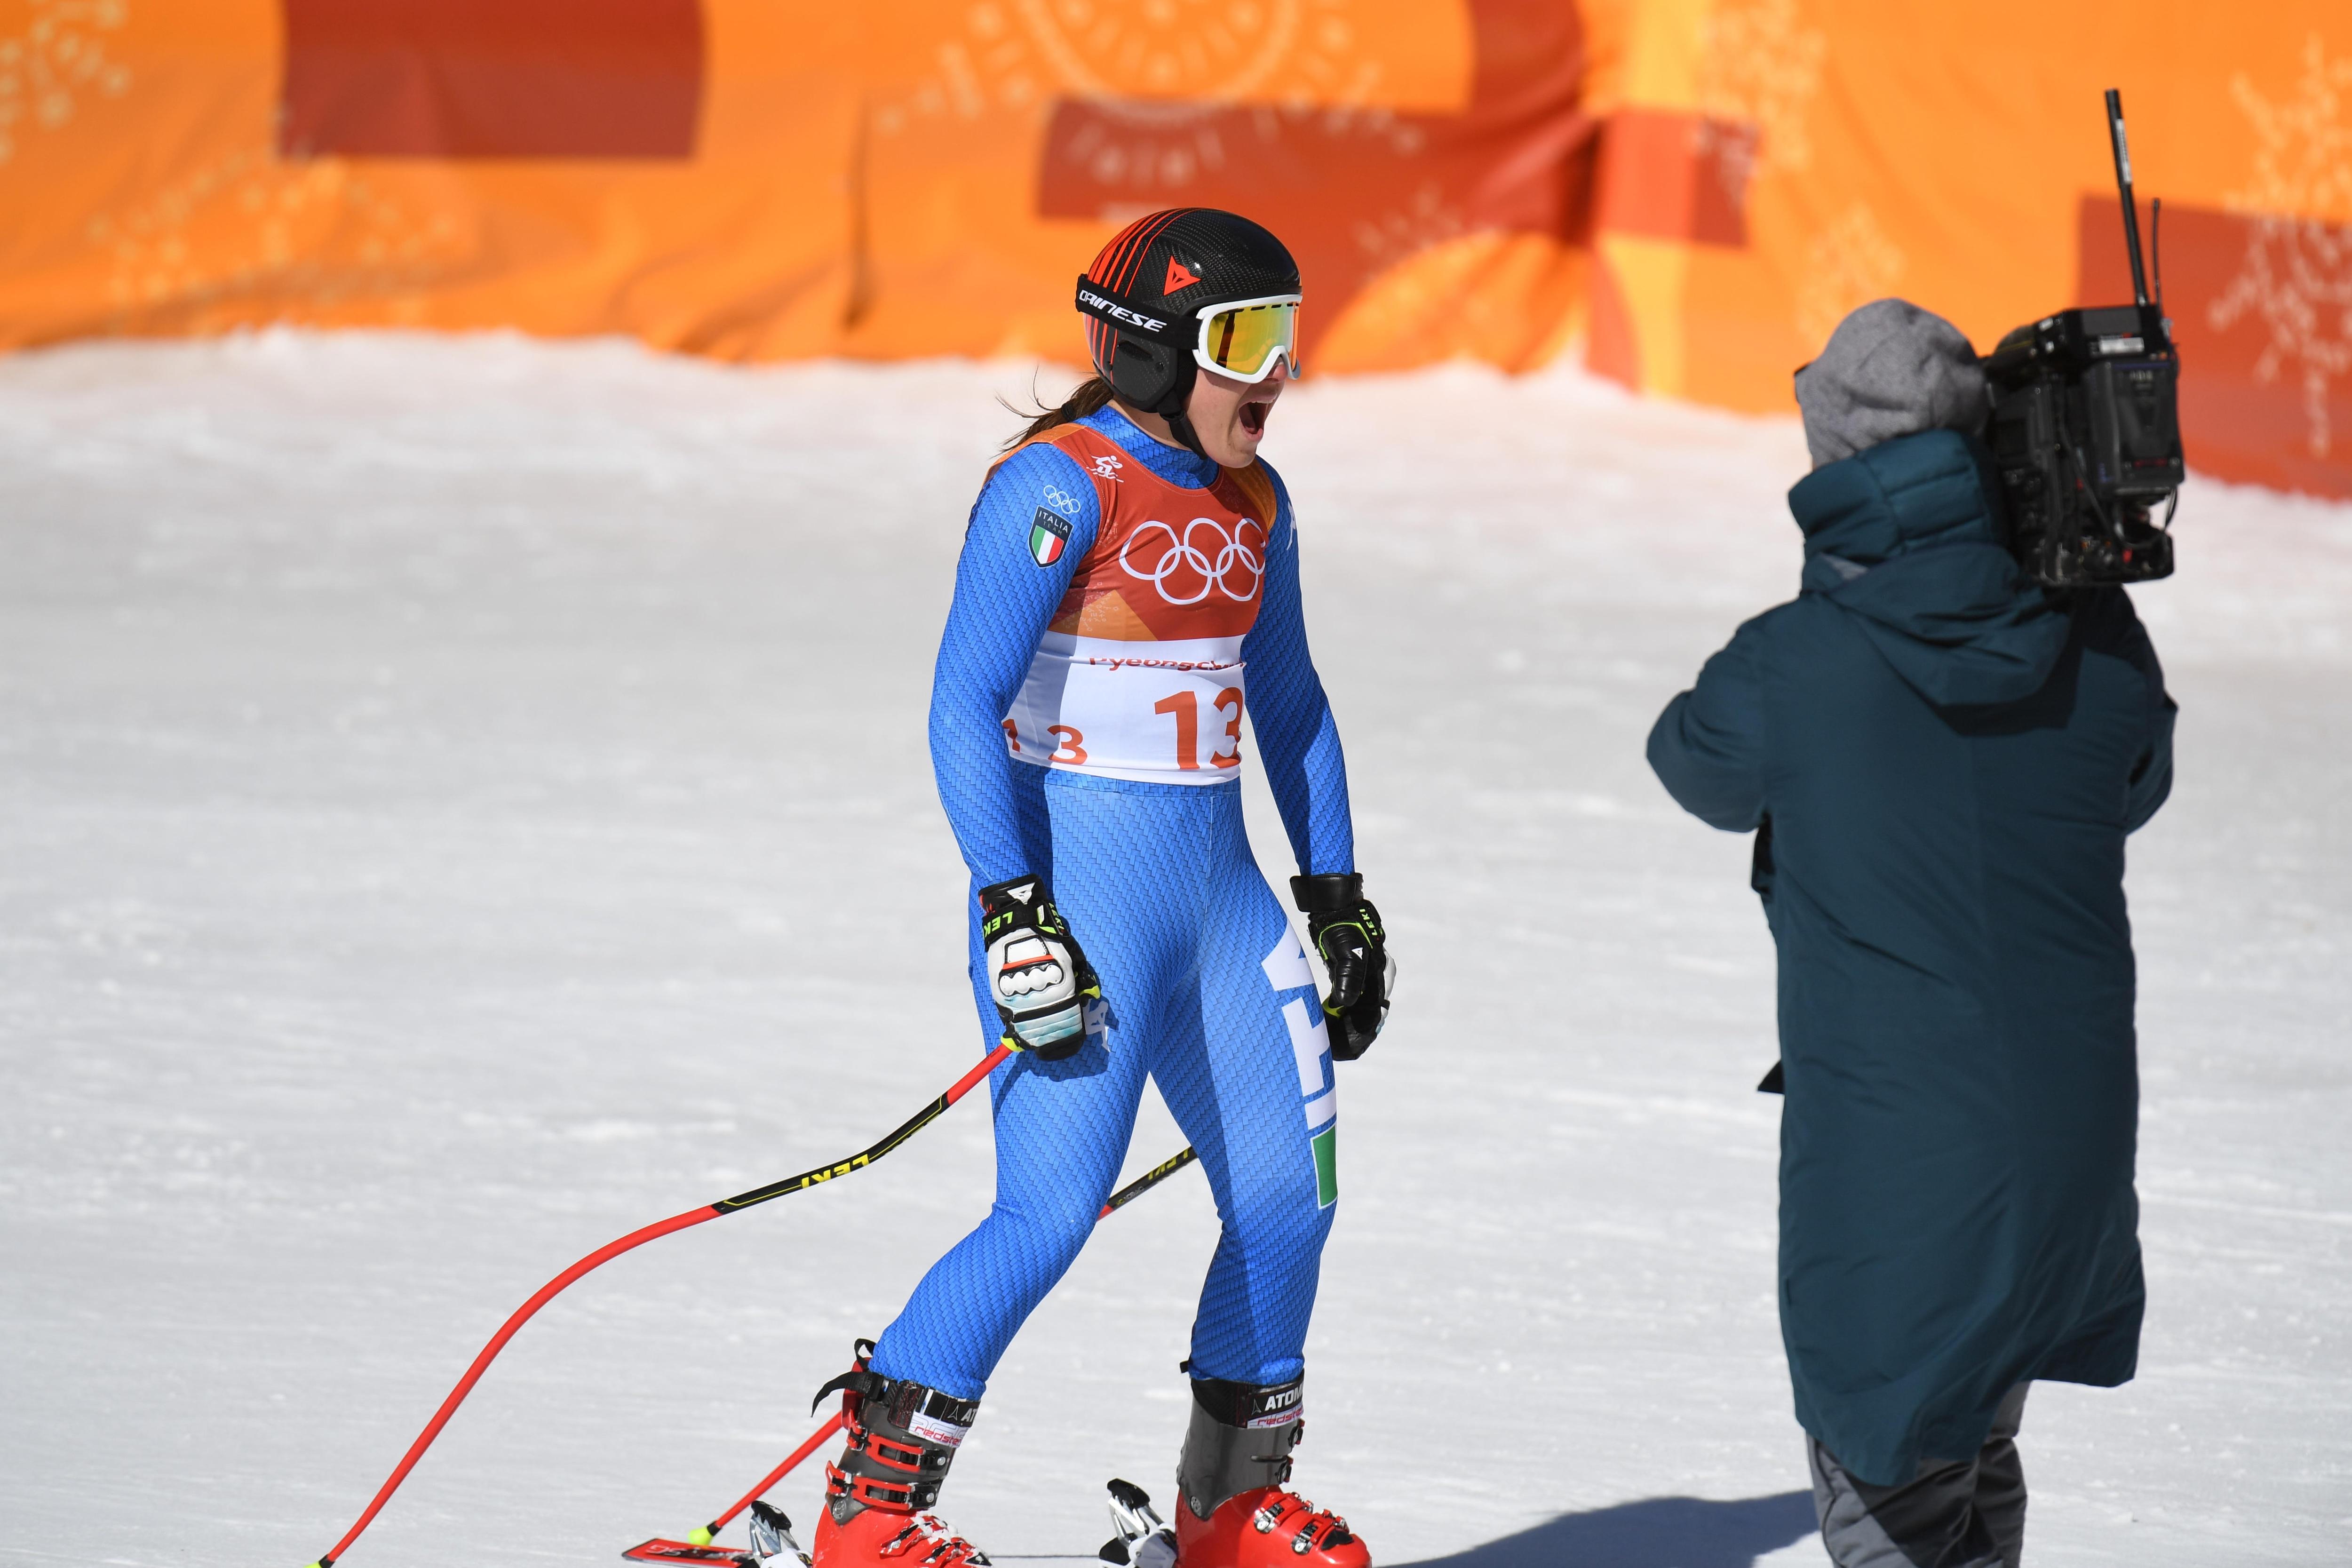 Le foto più belle della sciatrice Sofia Goggia, oro alle Olimpiadi / Image 1